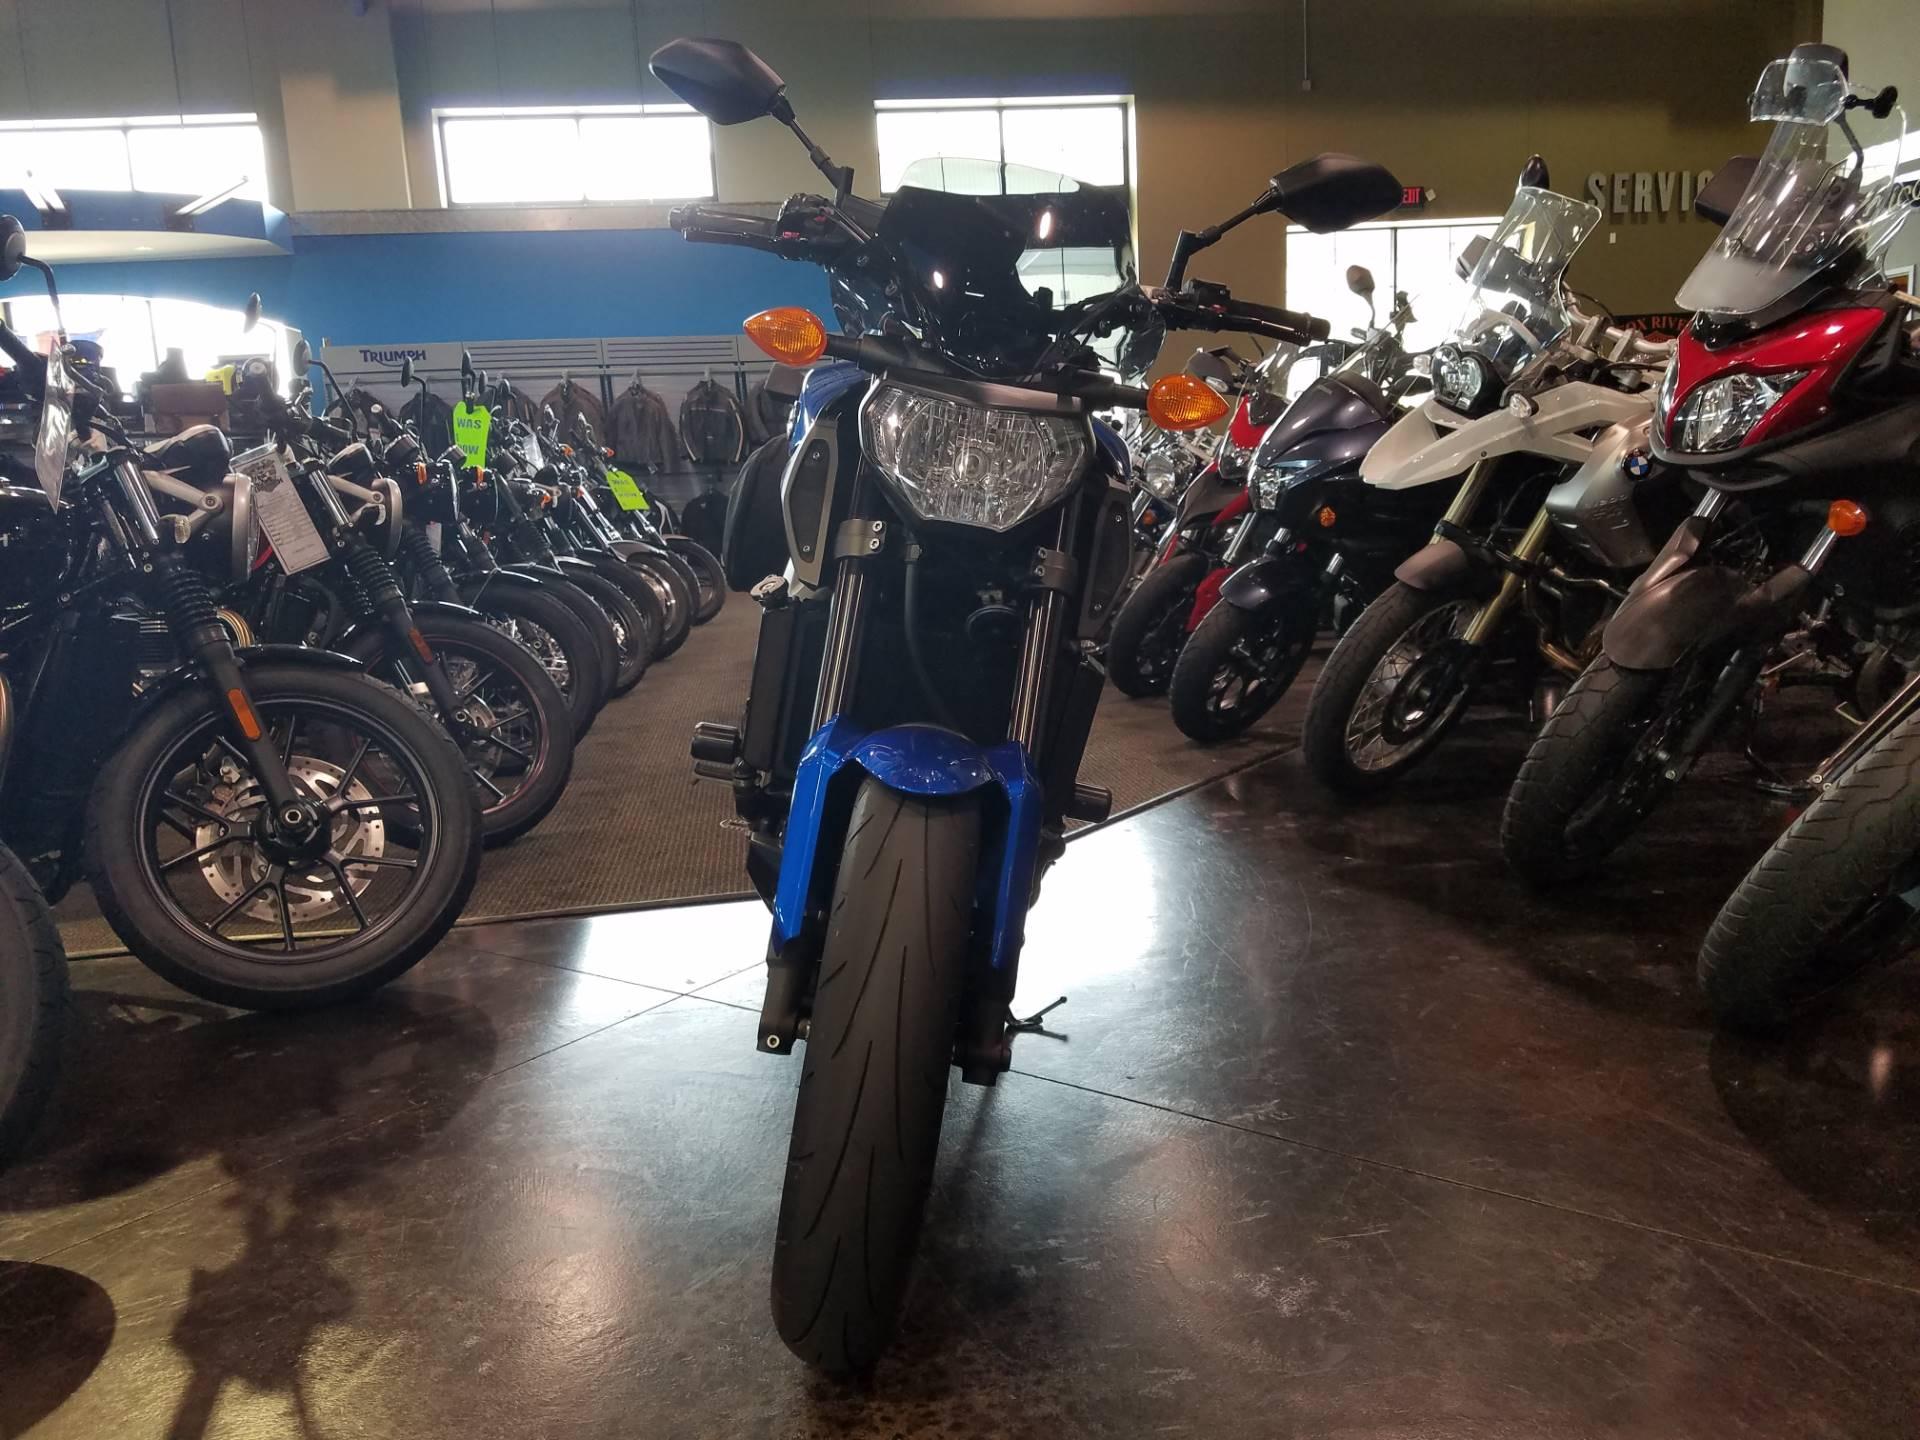 2016 Yamaha FZ-09 12